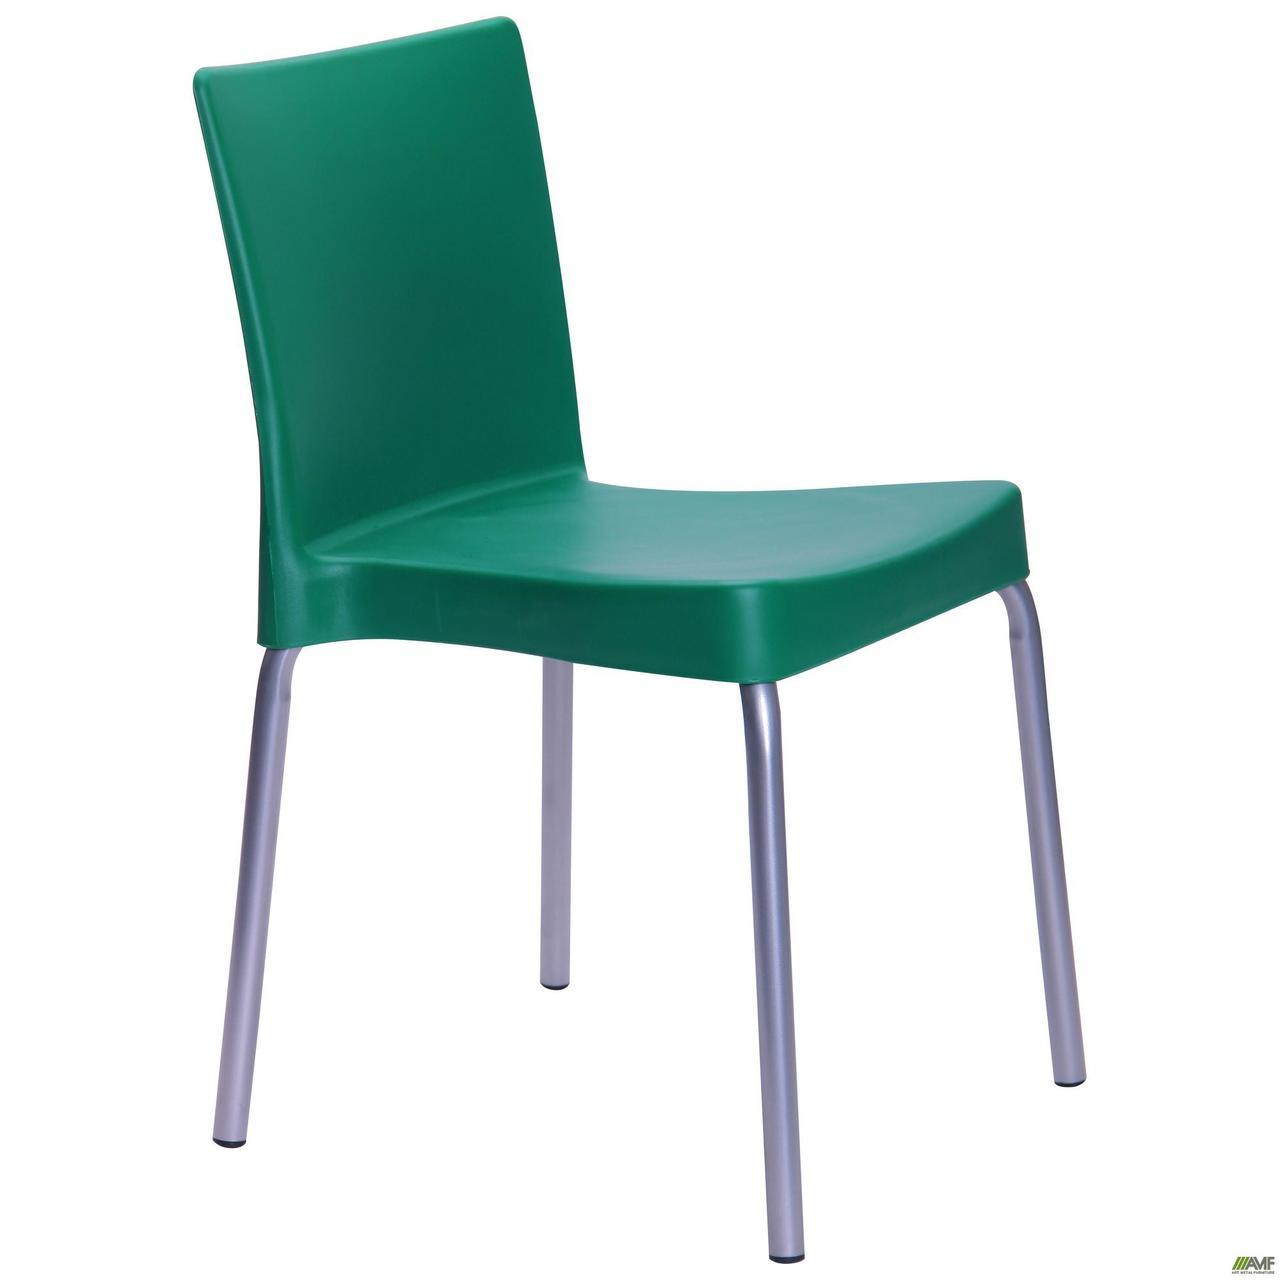 Стул Корсика алюм пластик зеленый